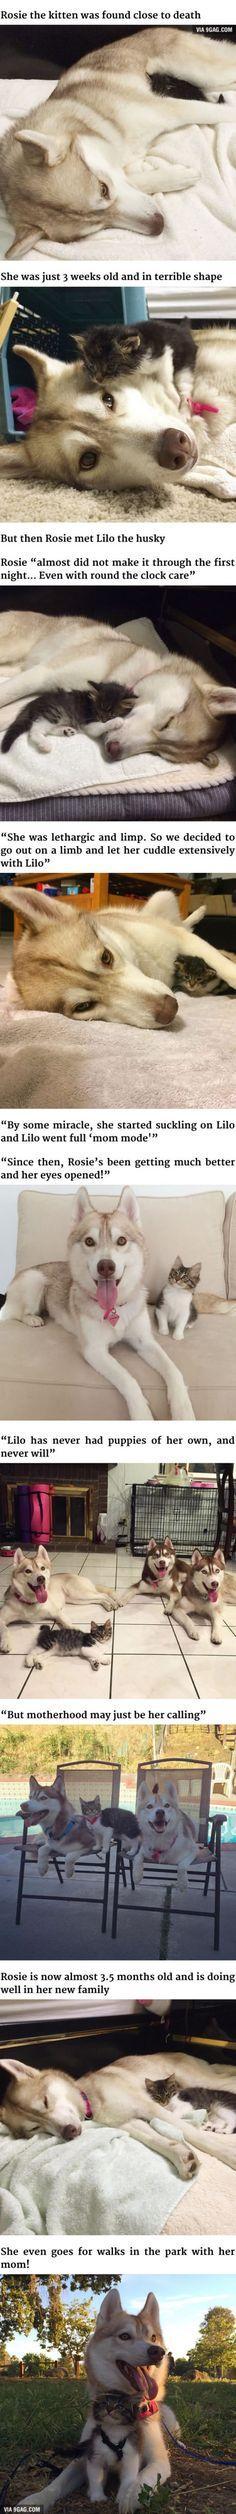 Même les animaux savent s'entraident!